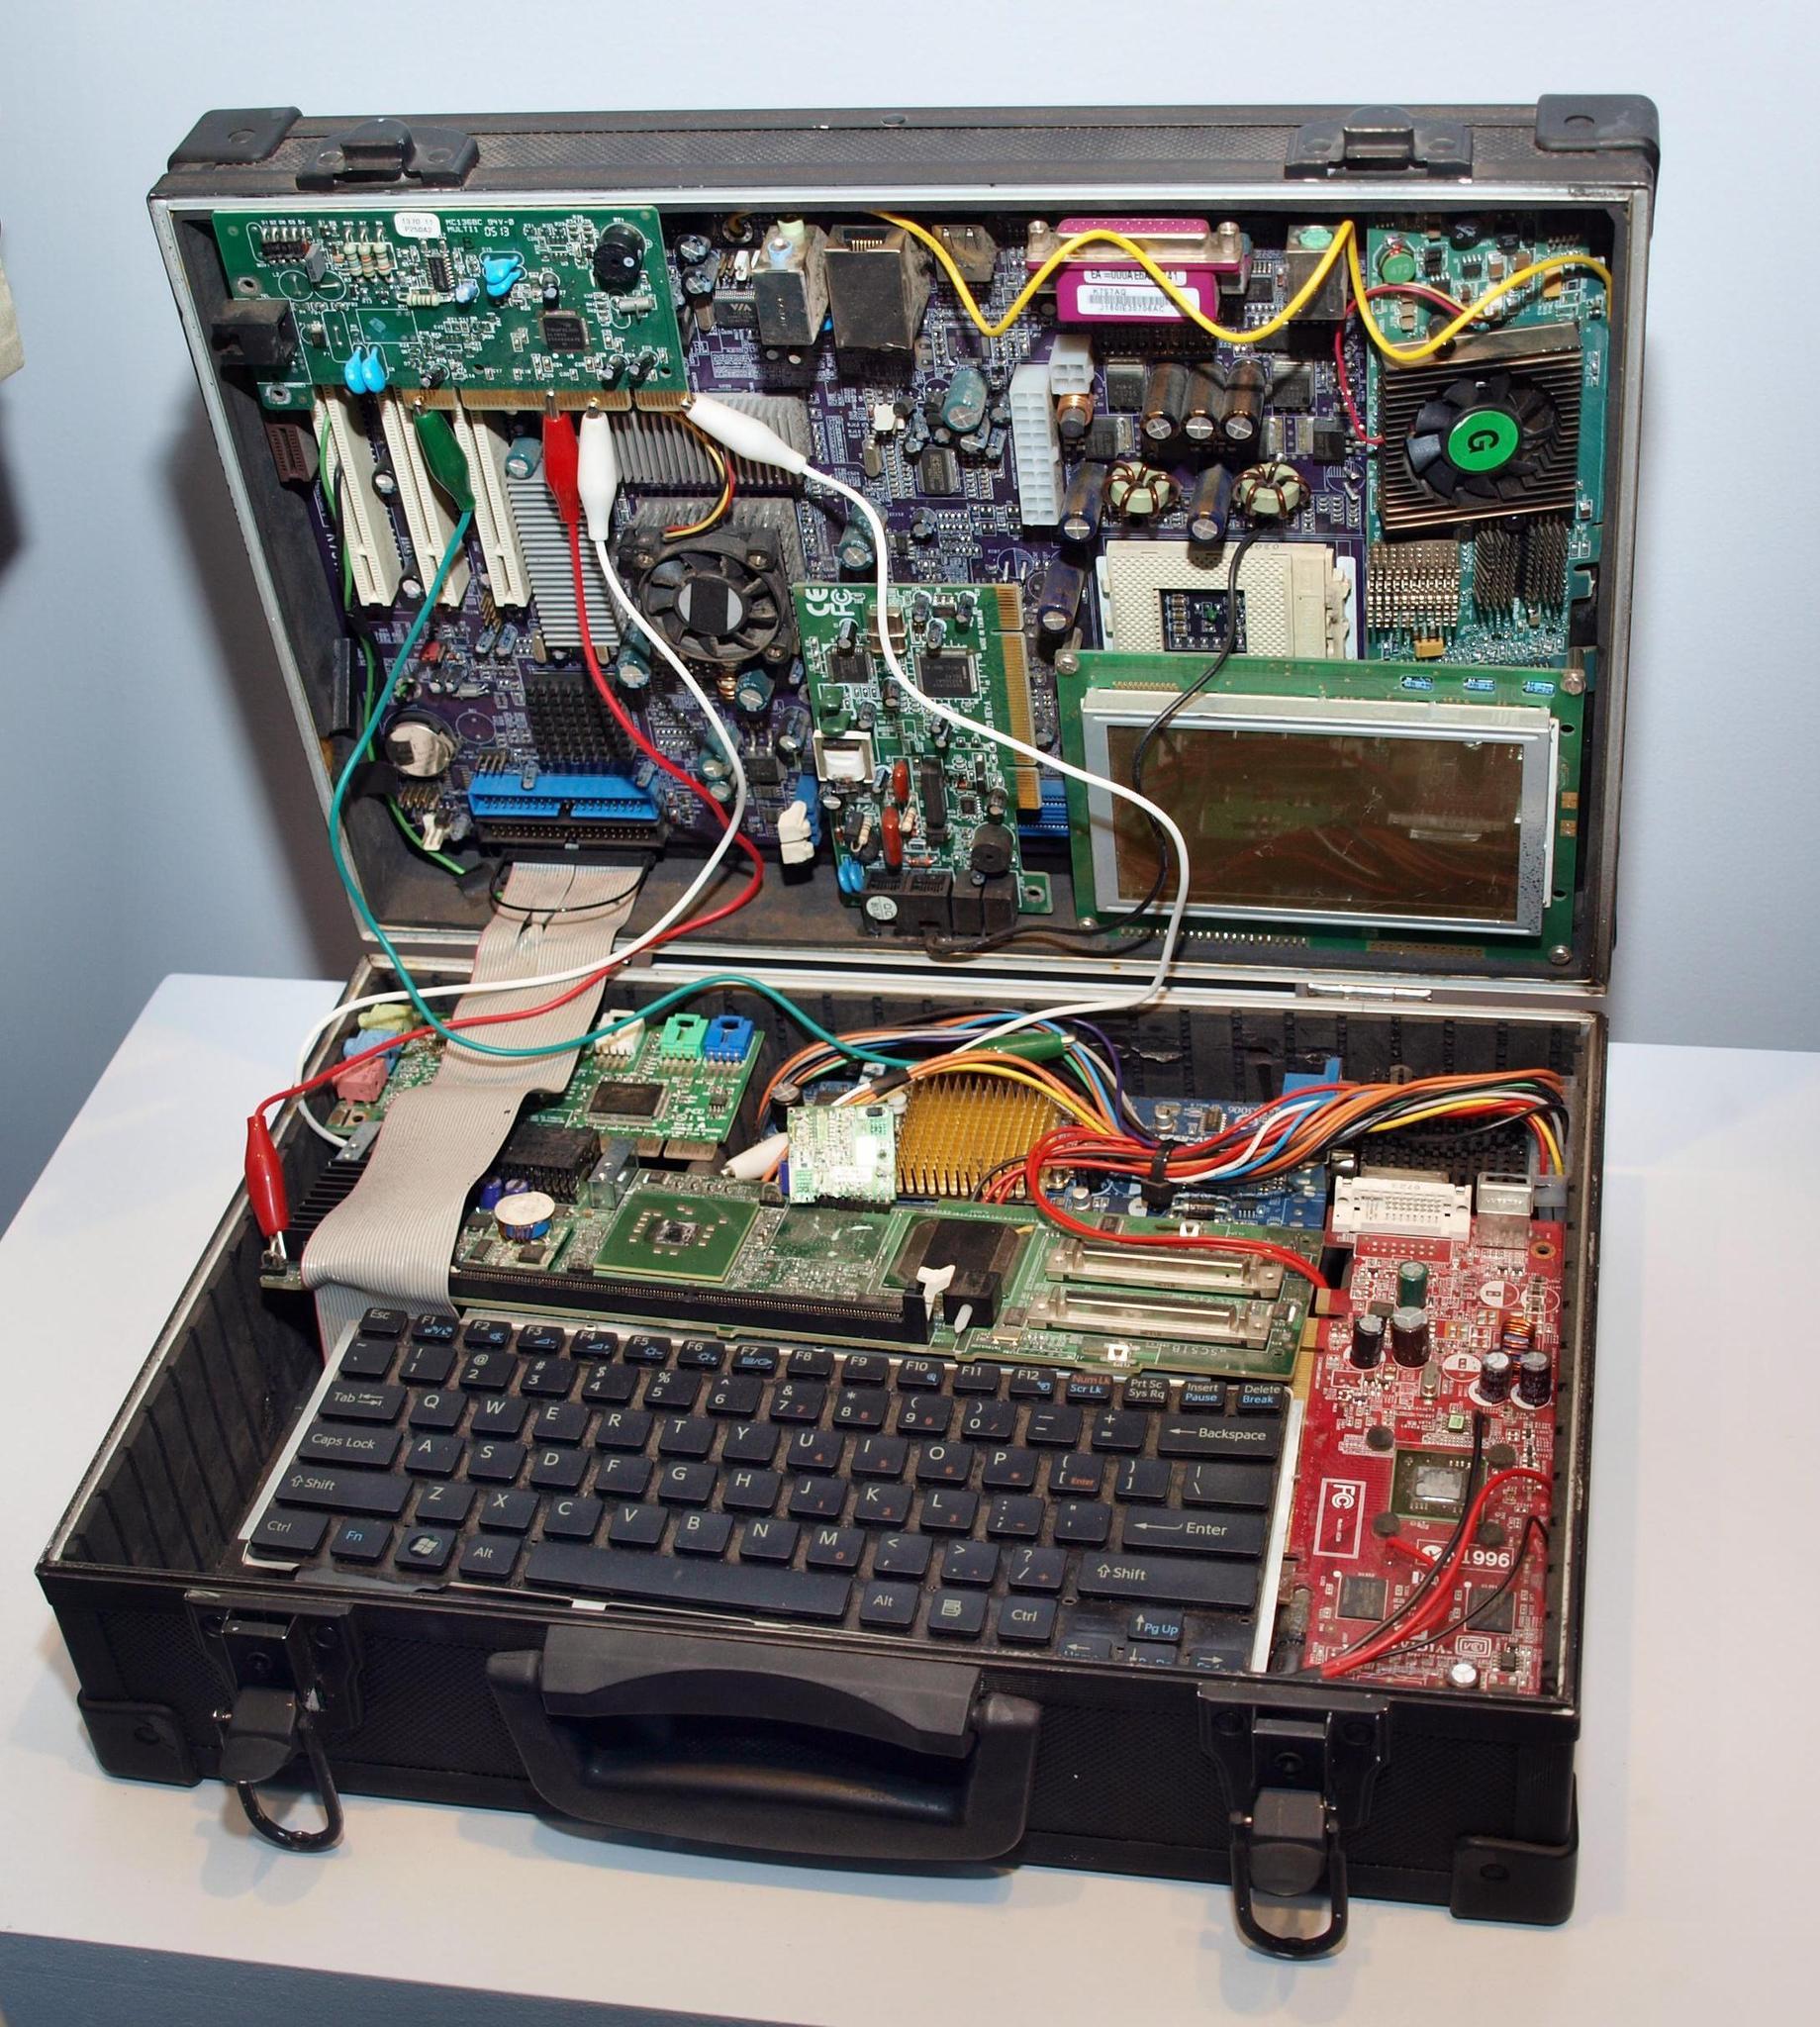 «Суперкомпьютер» Бонда. Фотография Малец Михаила Георгиевича